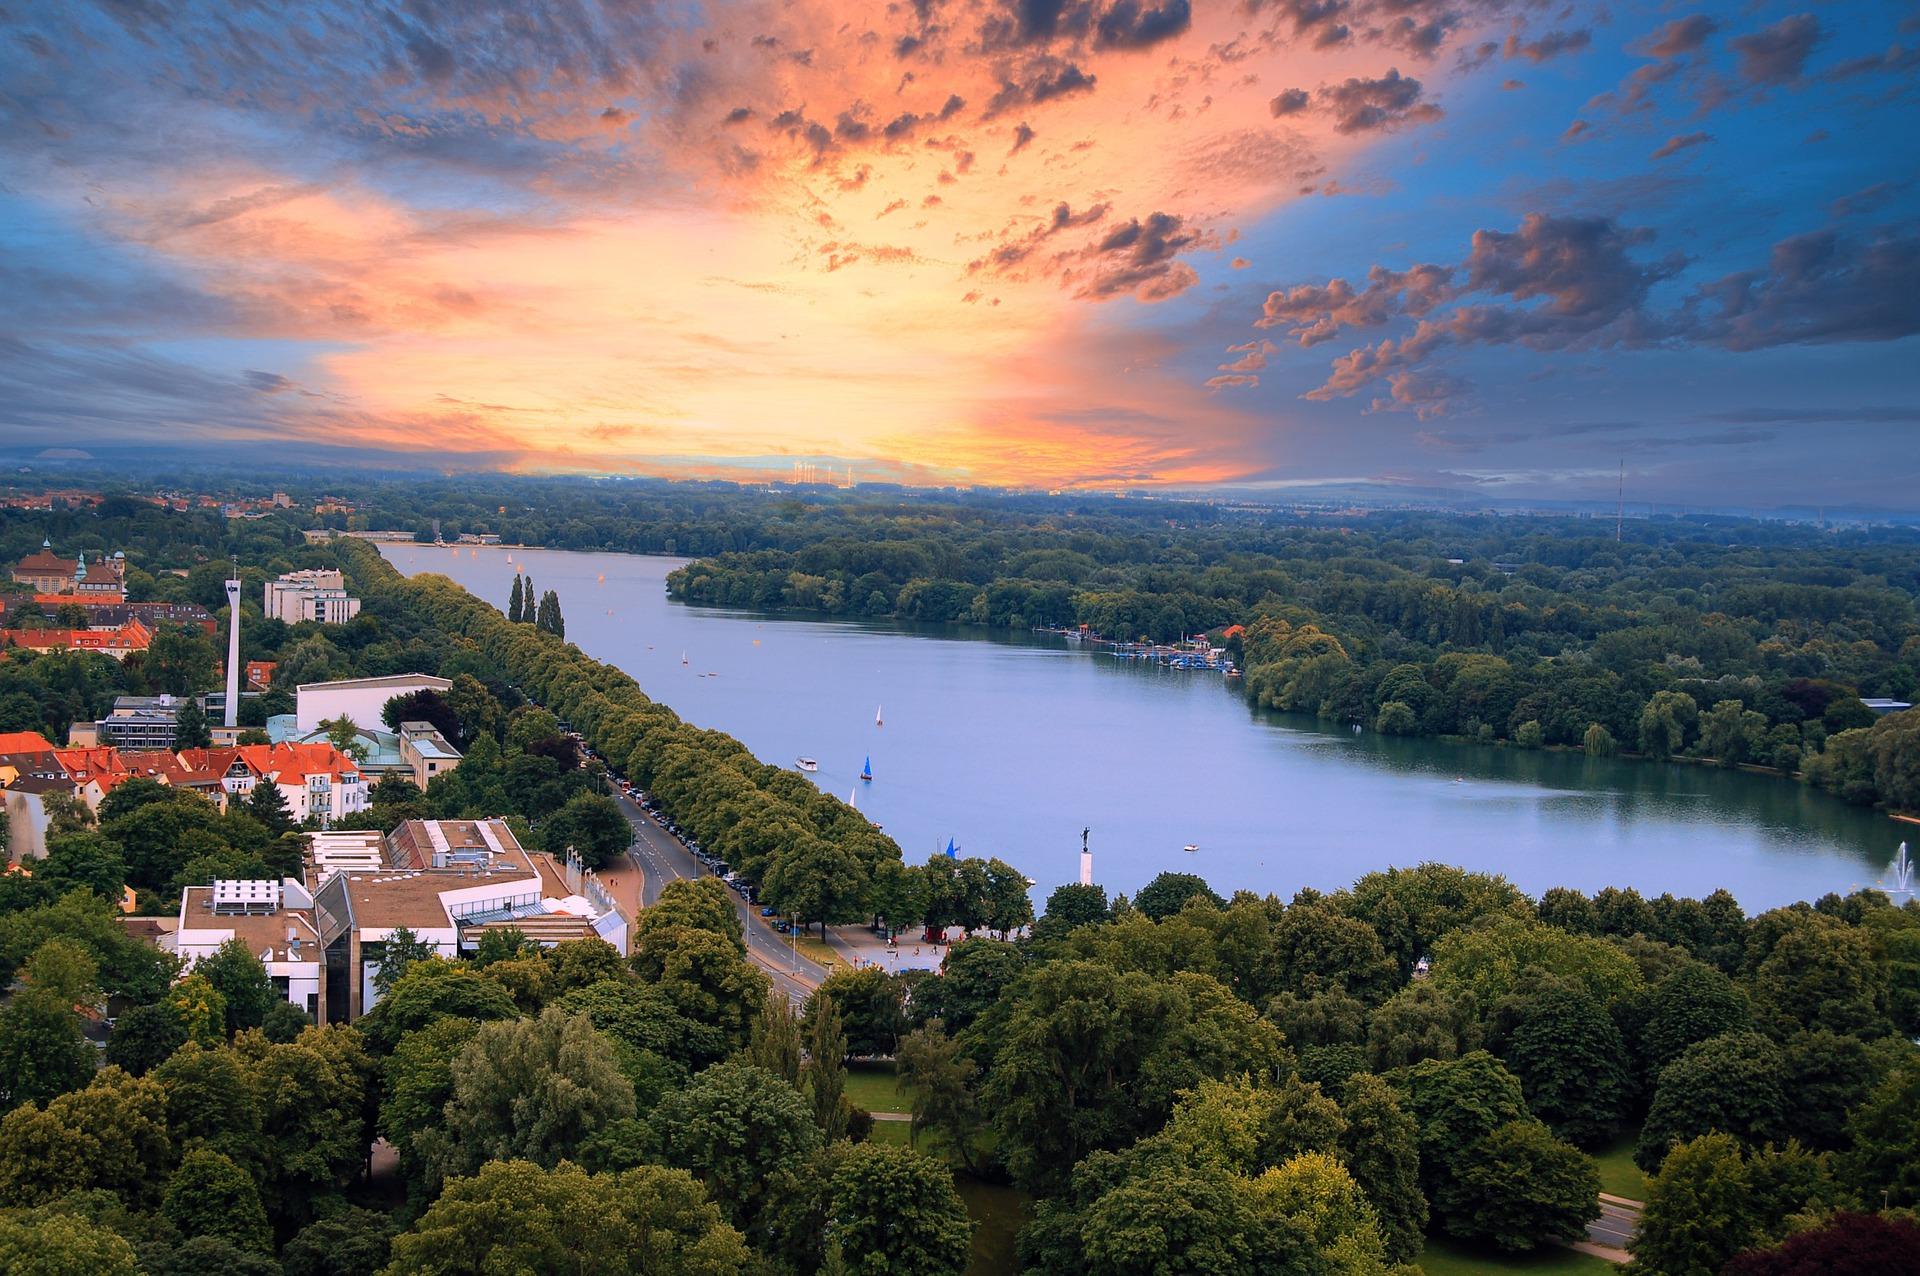 Maschsee Hannover bei Sonnenuntergang, Förderung für Klimaschutzprojekte